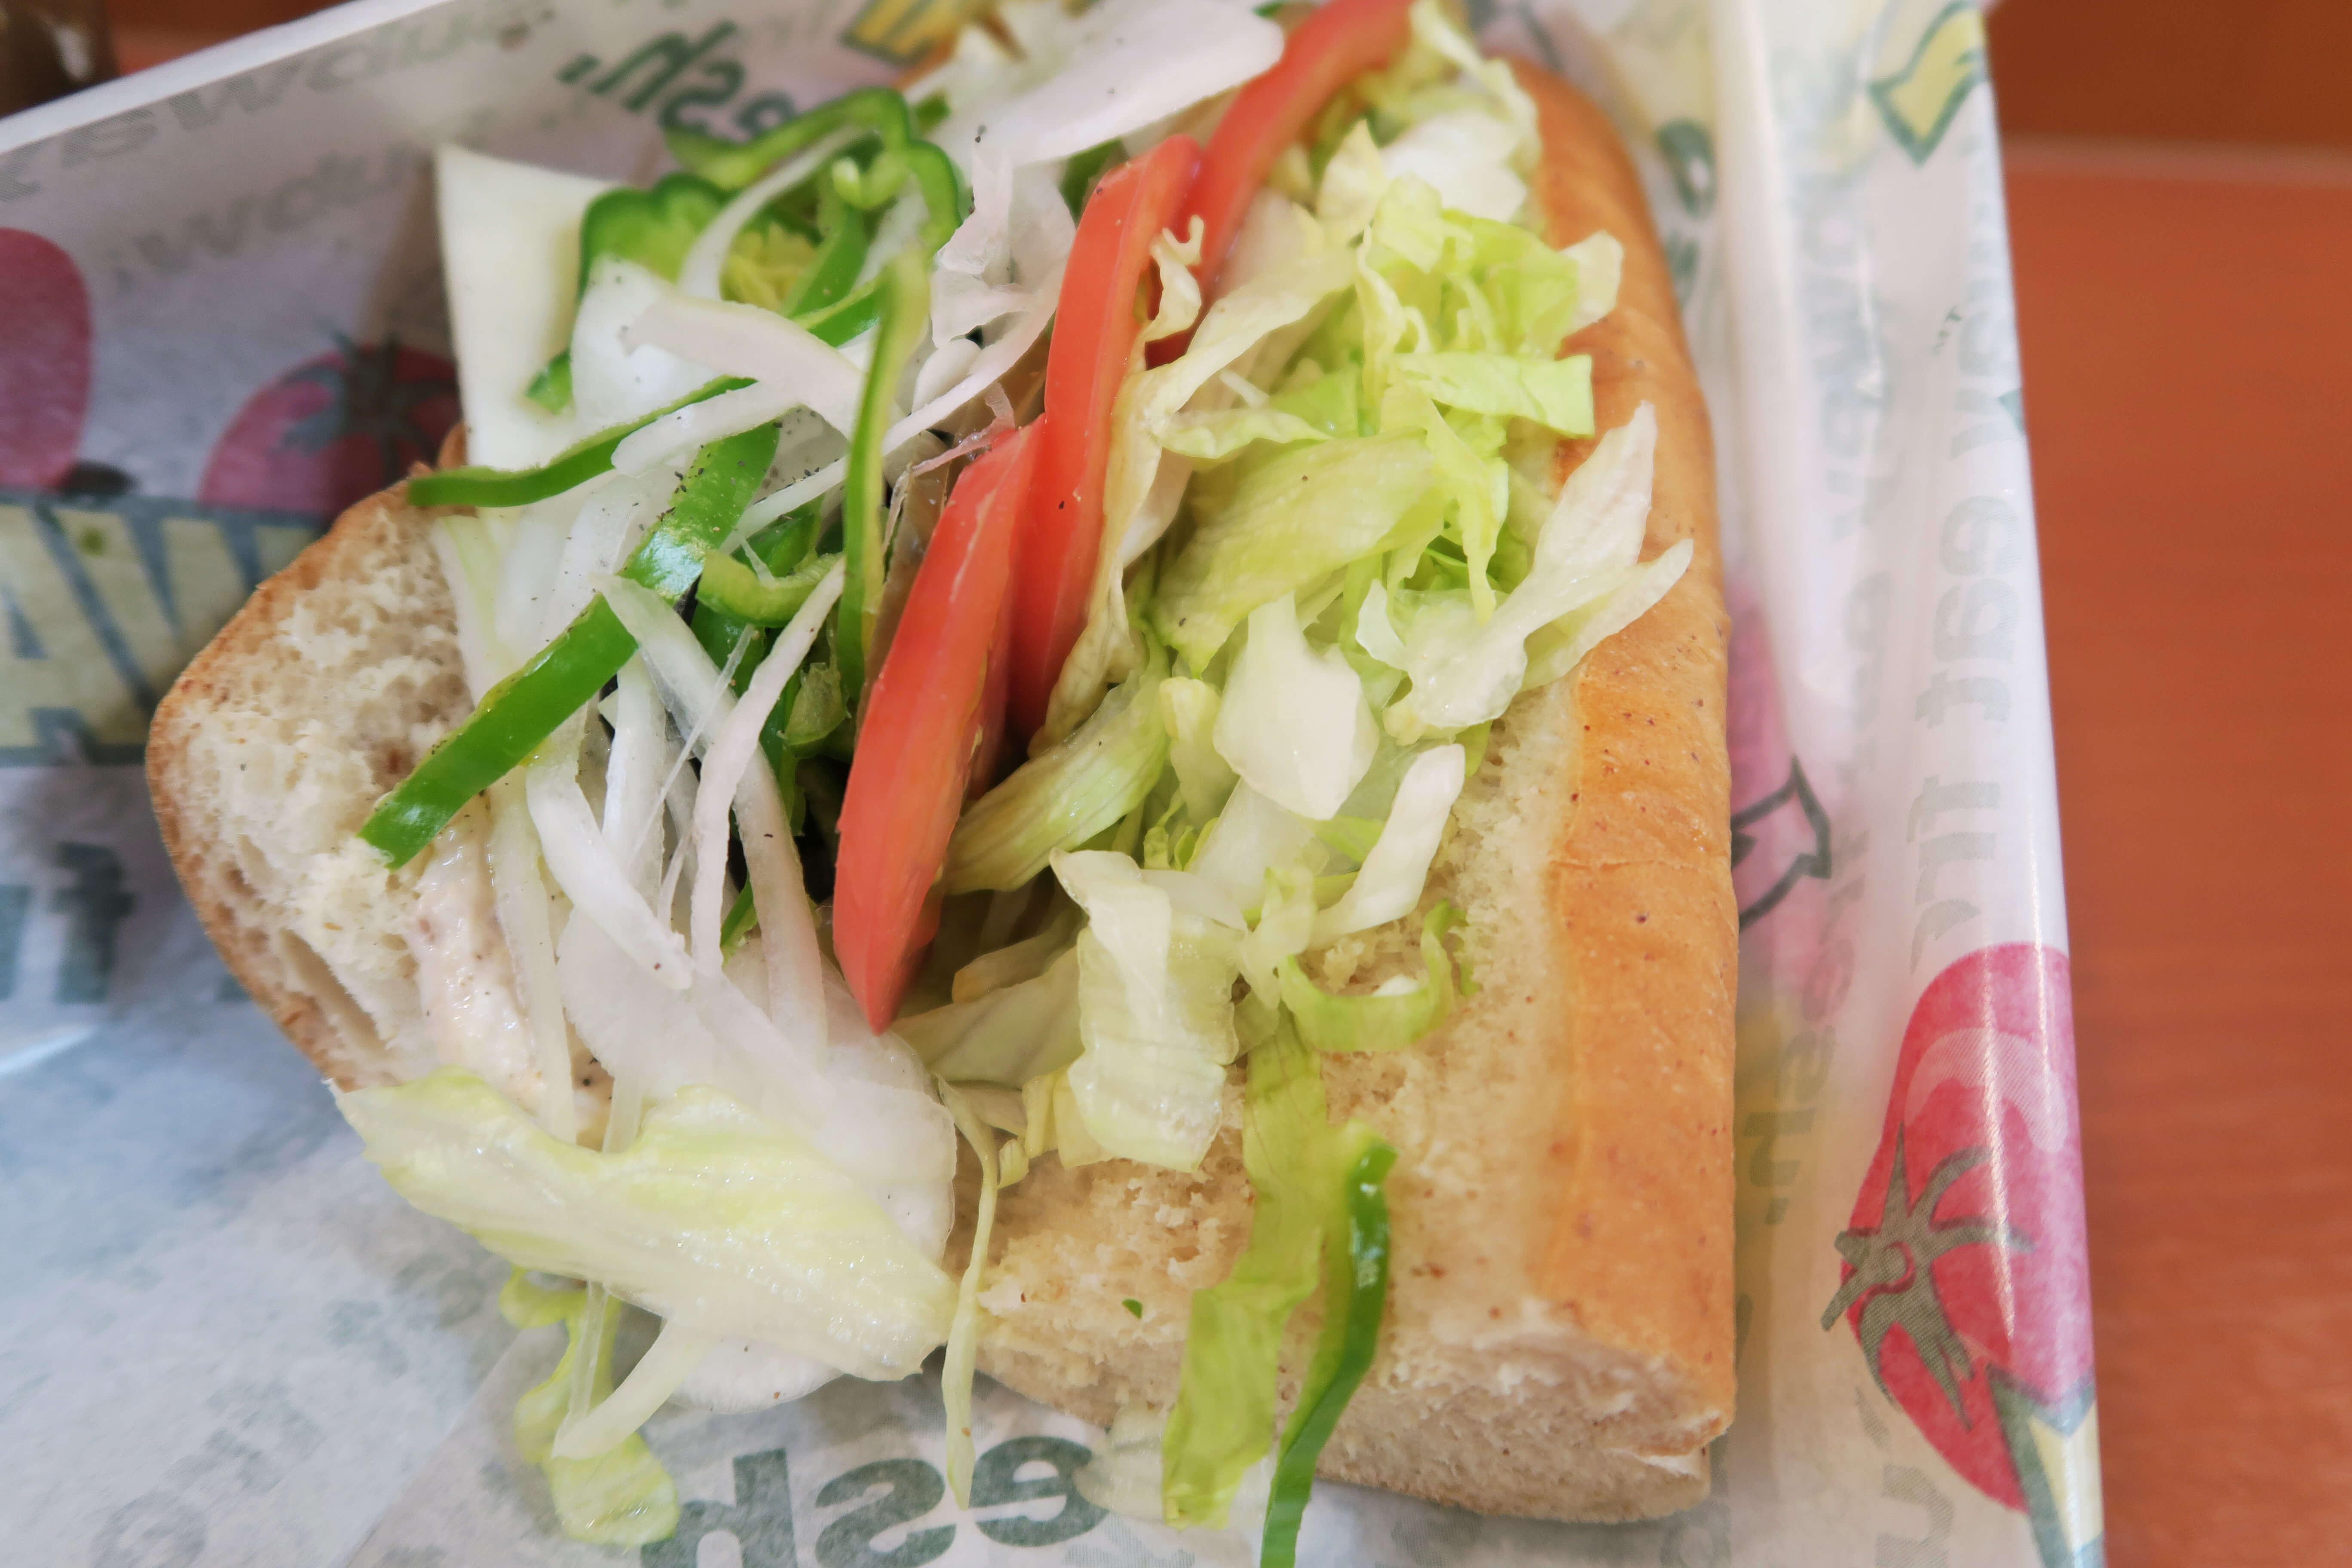 【サブウェイ】大手サンドイッチチェーン200店舗閉鎖の苦境に立たされたのはなぜ?